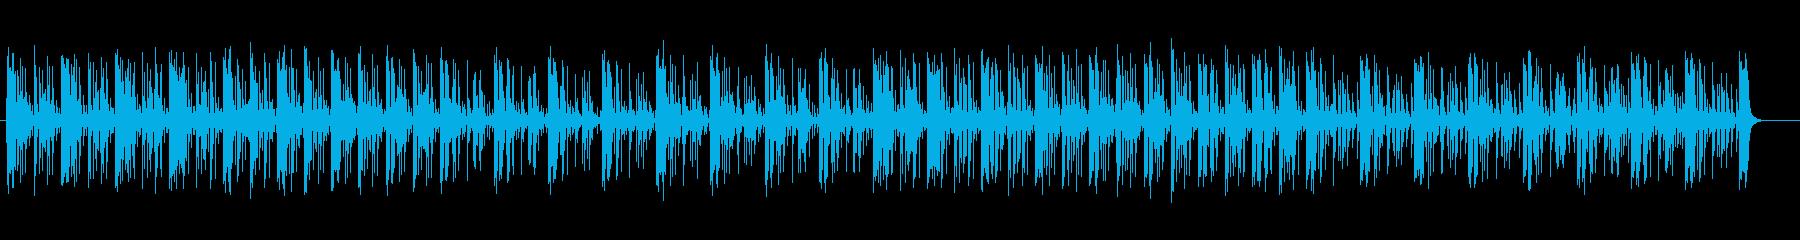 神秘的で幻想的なシンセサウンドの再生済みの波形